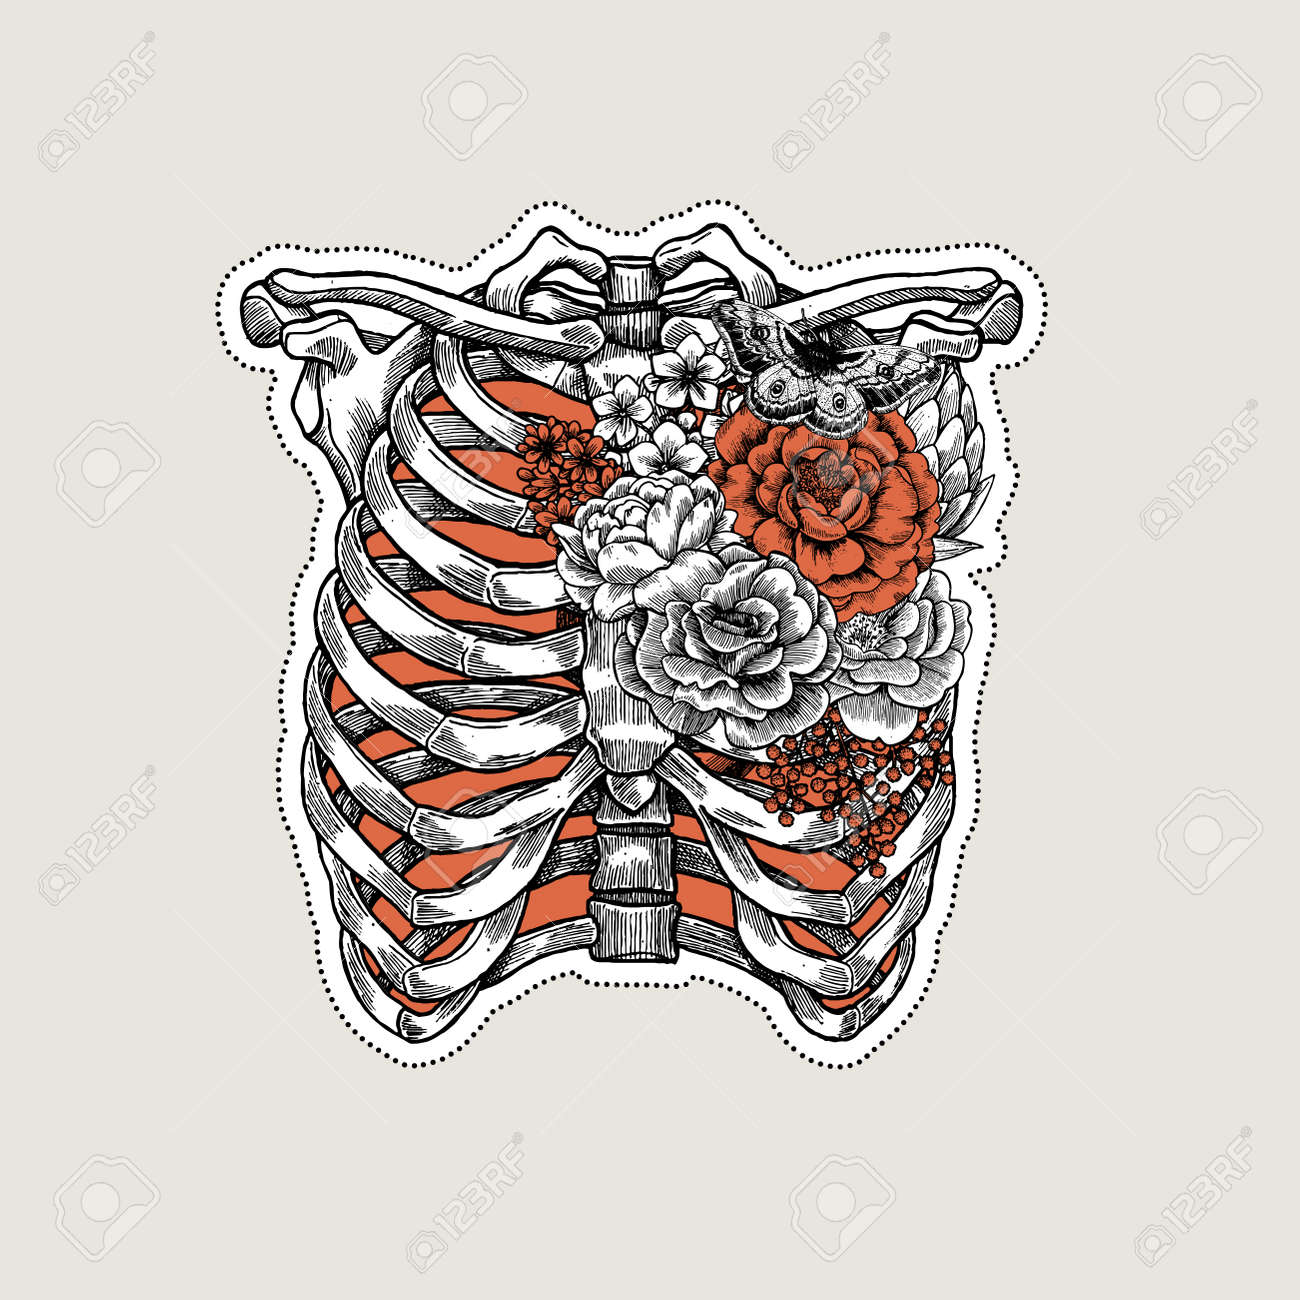 Ilustración De Tatuaje Anatomía Vintage. Rosas En El Esqueleto De La ...